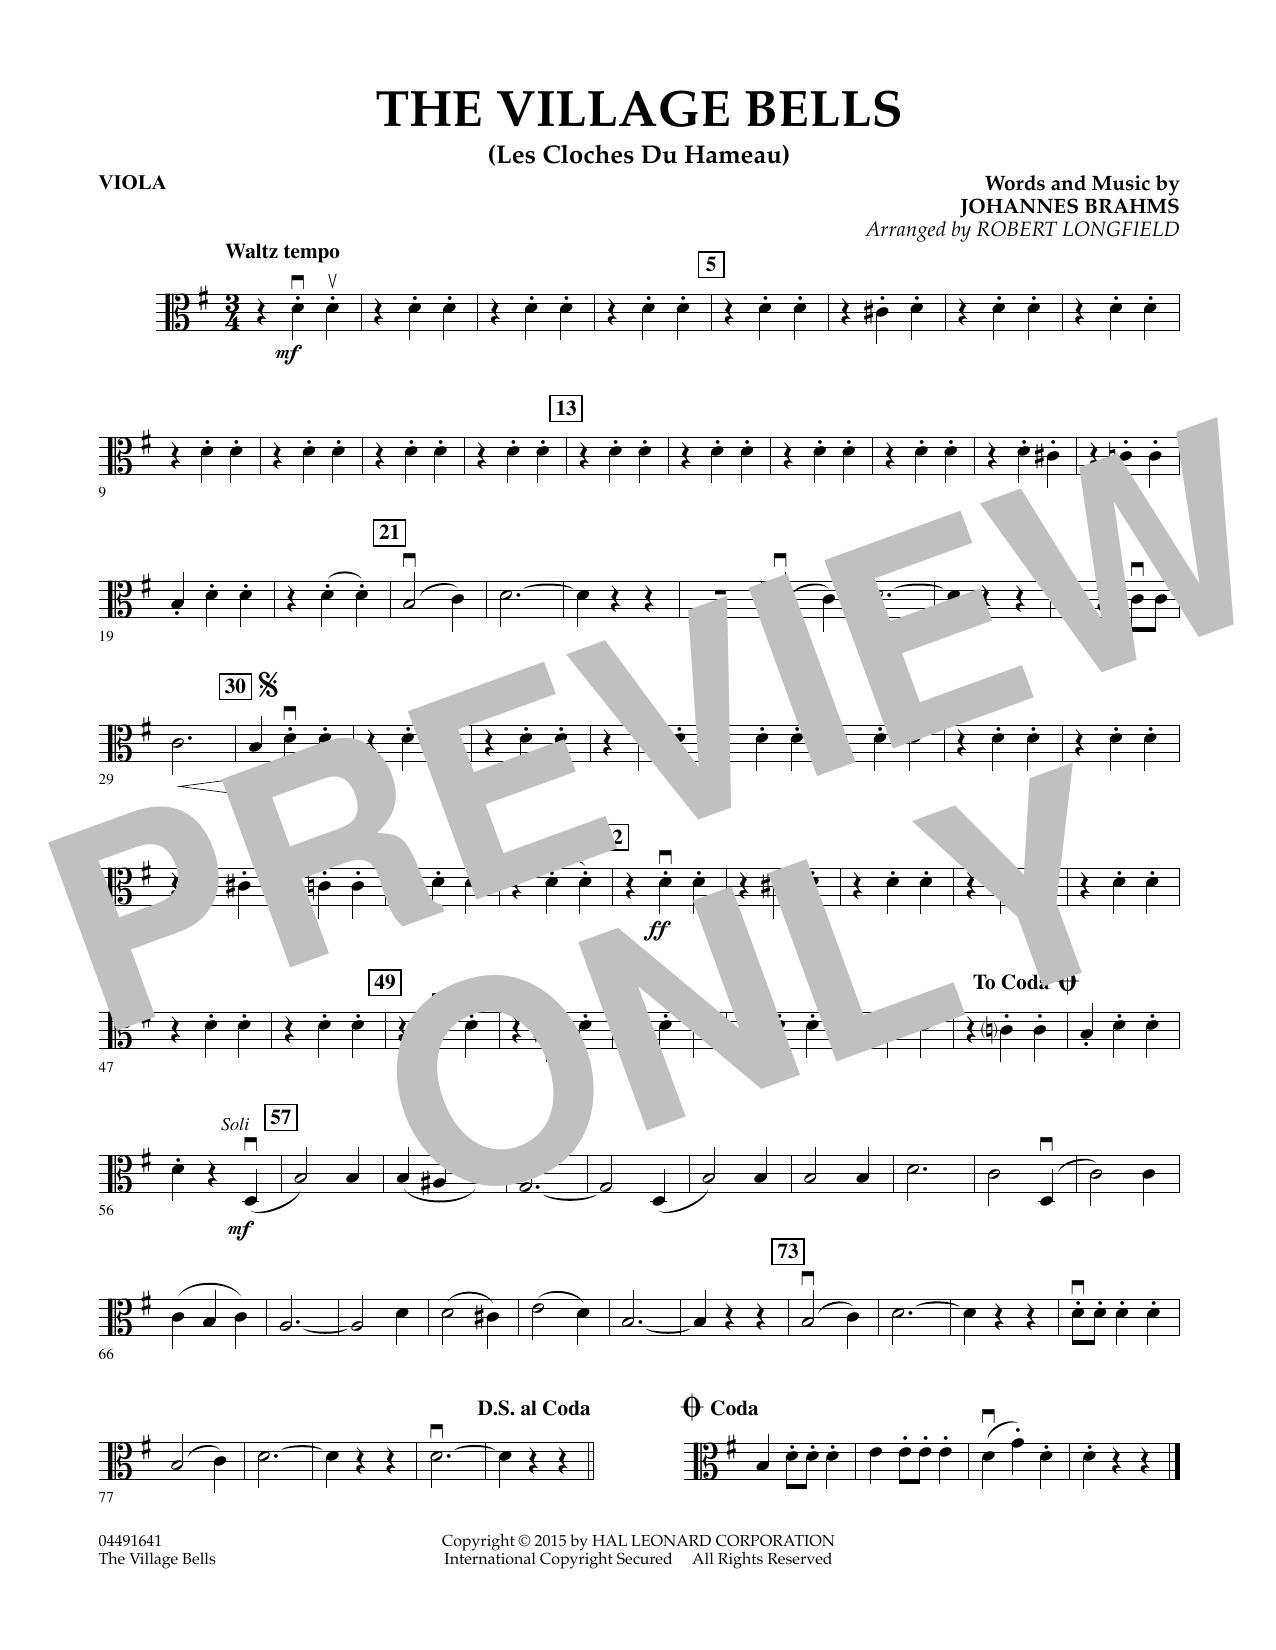 The Village Bells (Les Cloche du Hameau) - Viola (Orchestra)